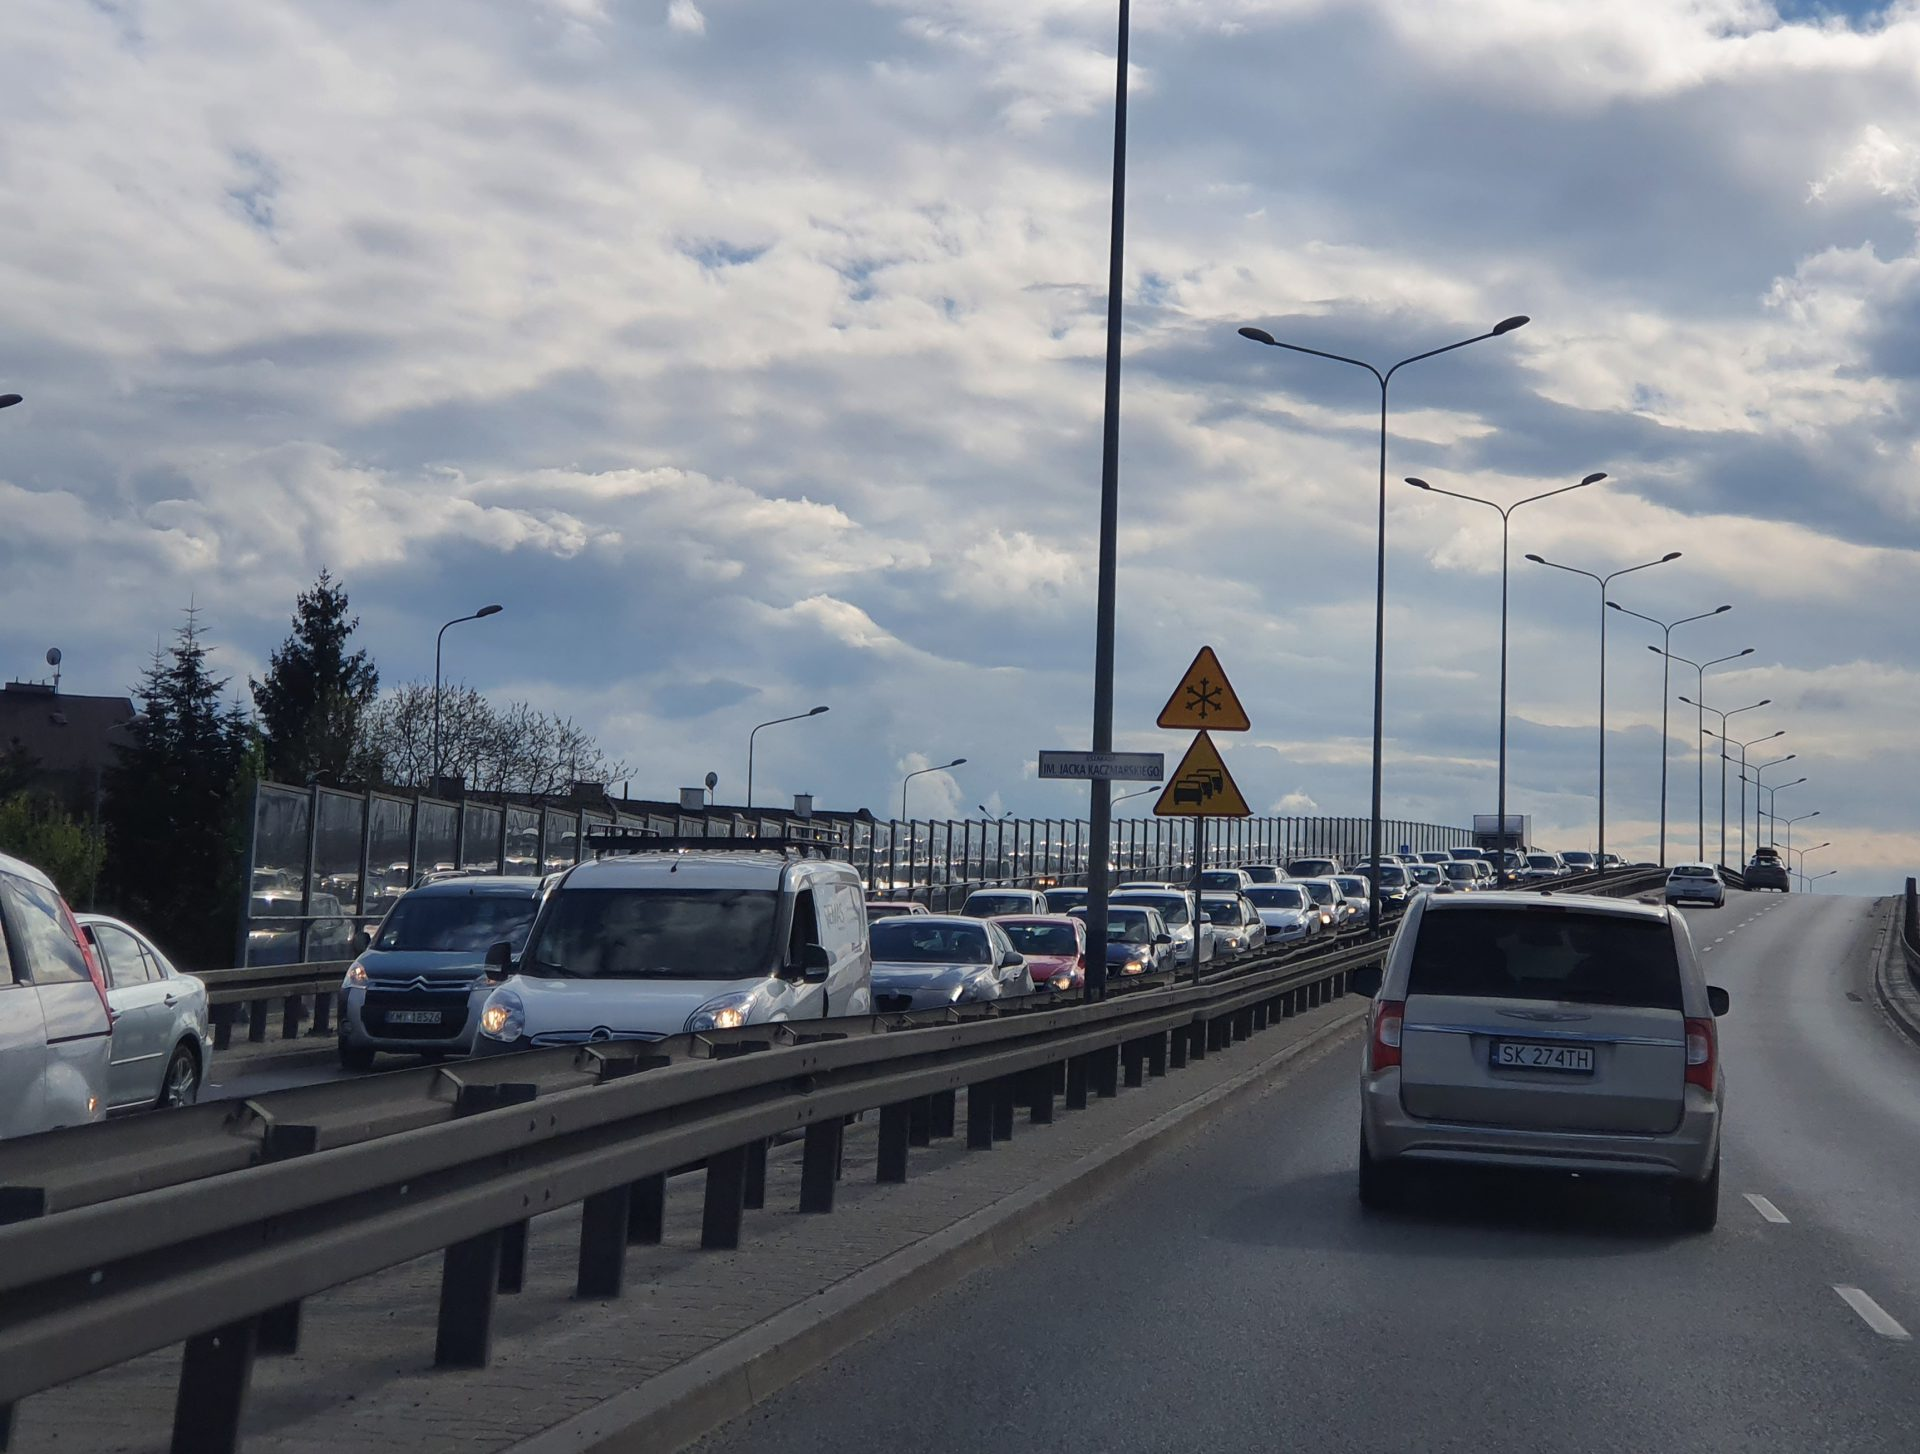 Korki w Krakowie. Łukasz Franek mówi, że to wina nadmiarowego korzystania z aut przez mieszkańców.